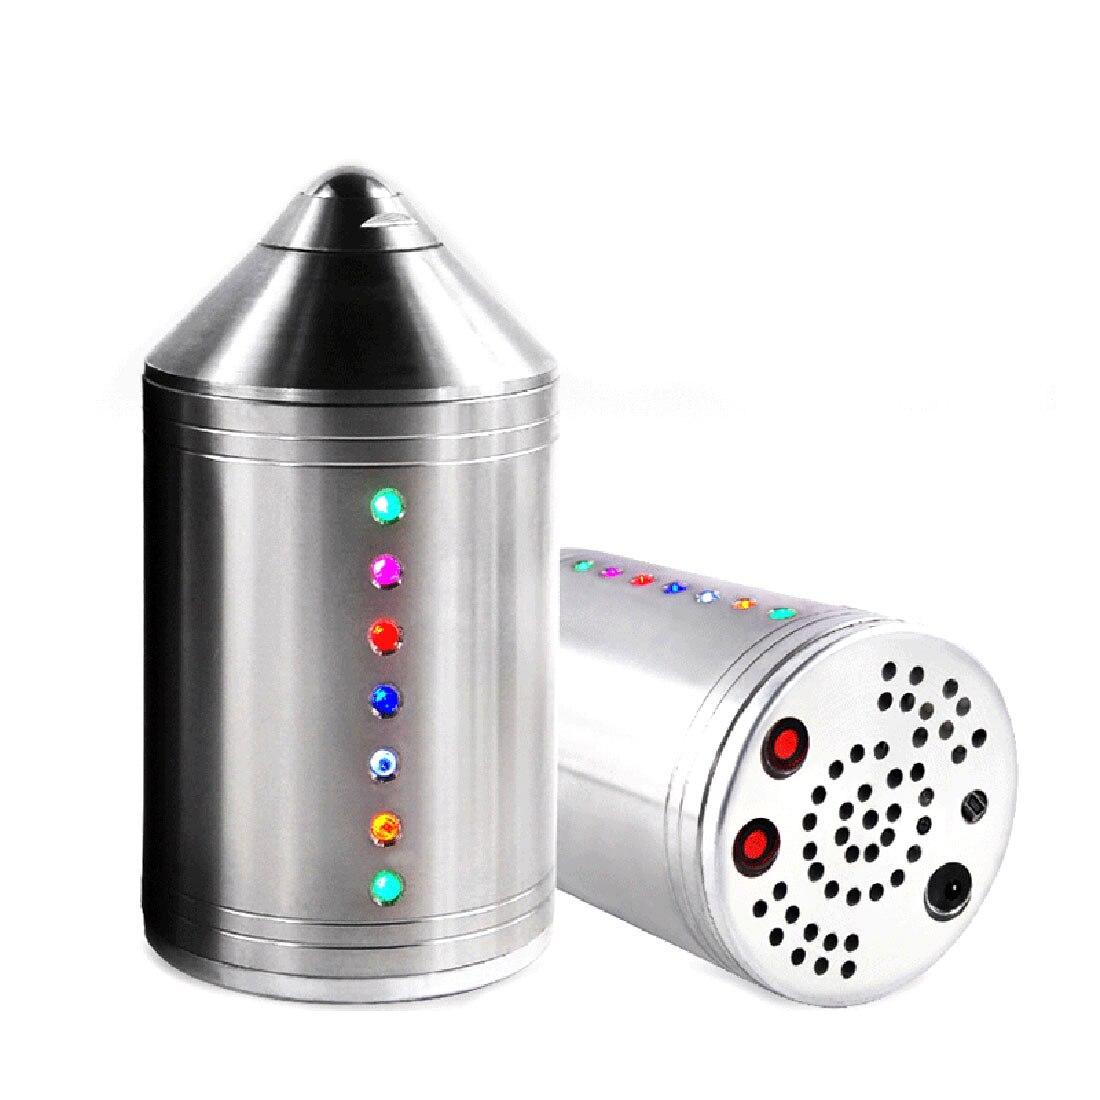 Surwish 132mm/114mm/108mm/89mm (D) en acier inoxydable Fitness musique Gyro jouet avec lumières enfants enfants cadeaux de noël 2019 argent - 2